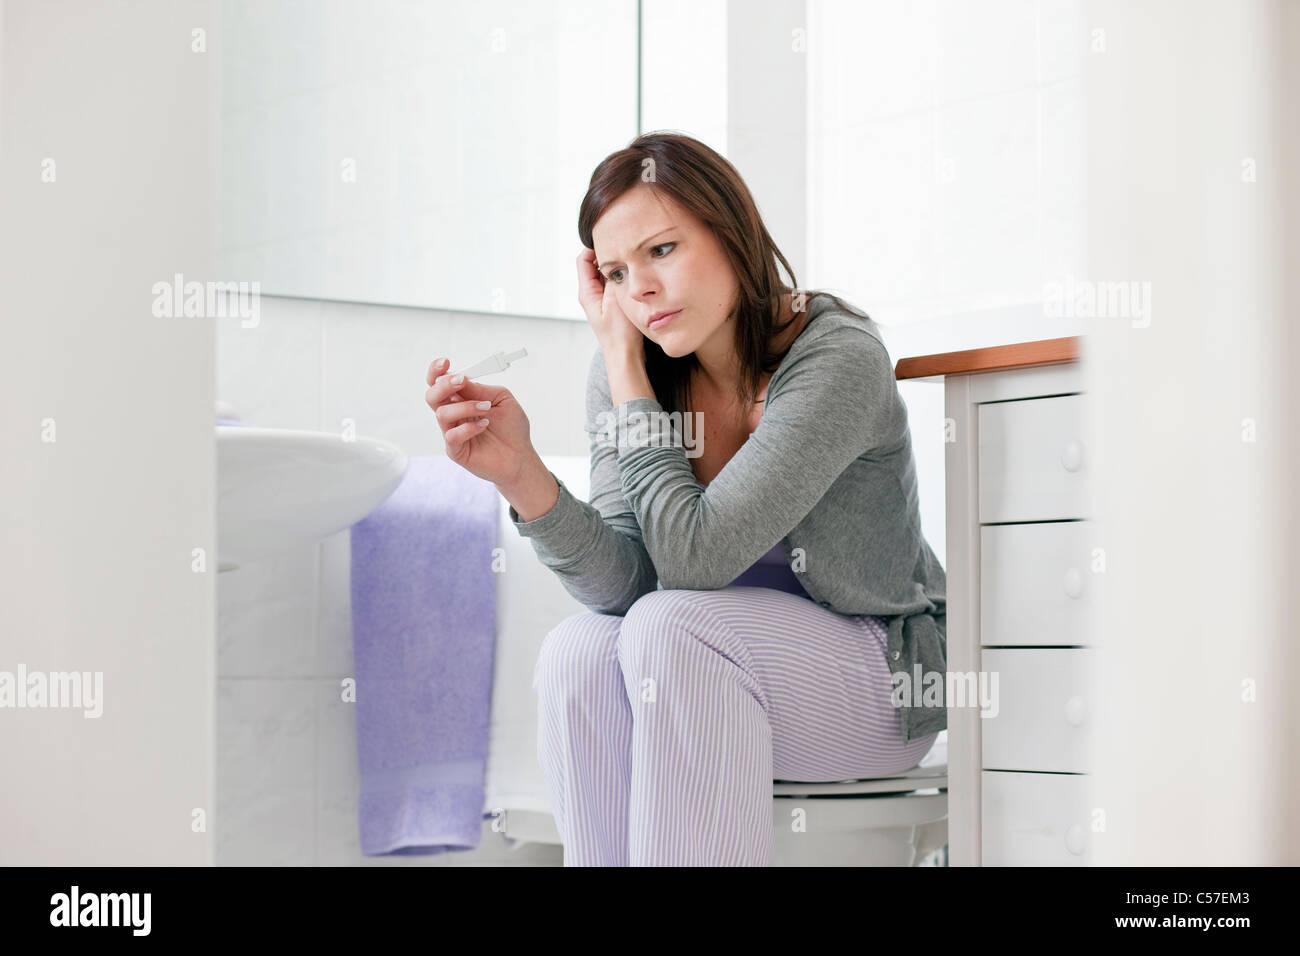 Eastern Toilet Stock Photos & Eastern Toilet Stock Images